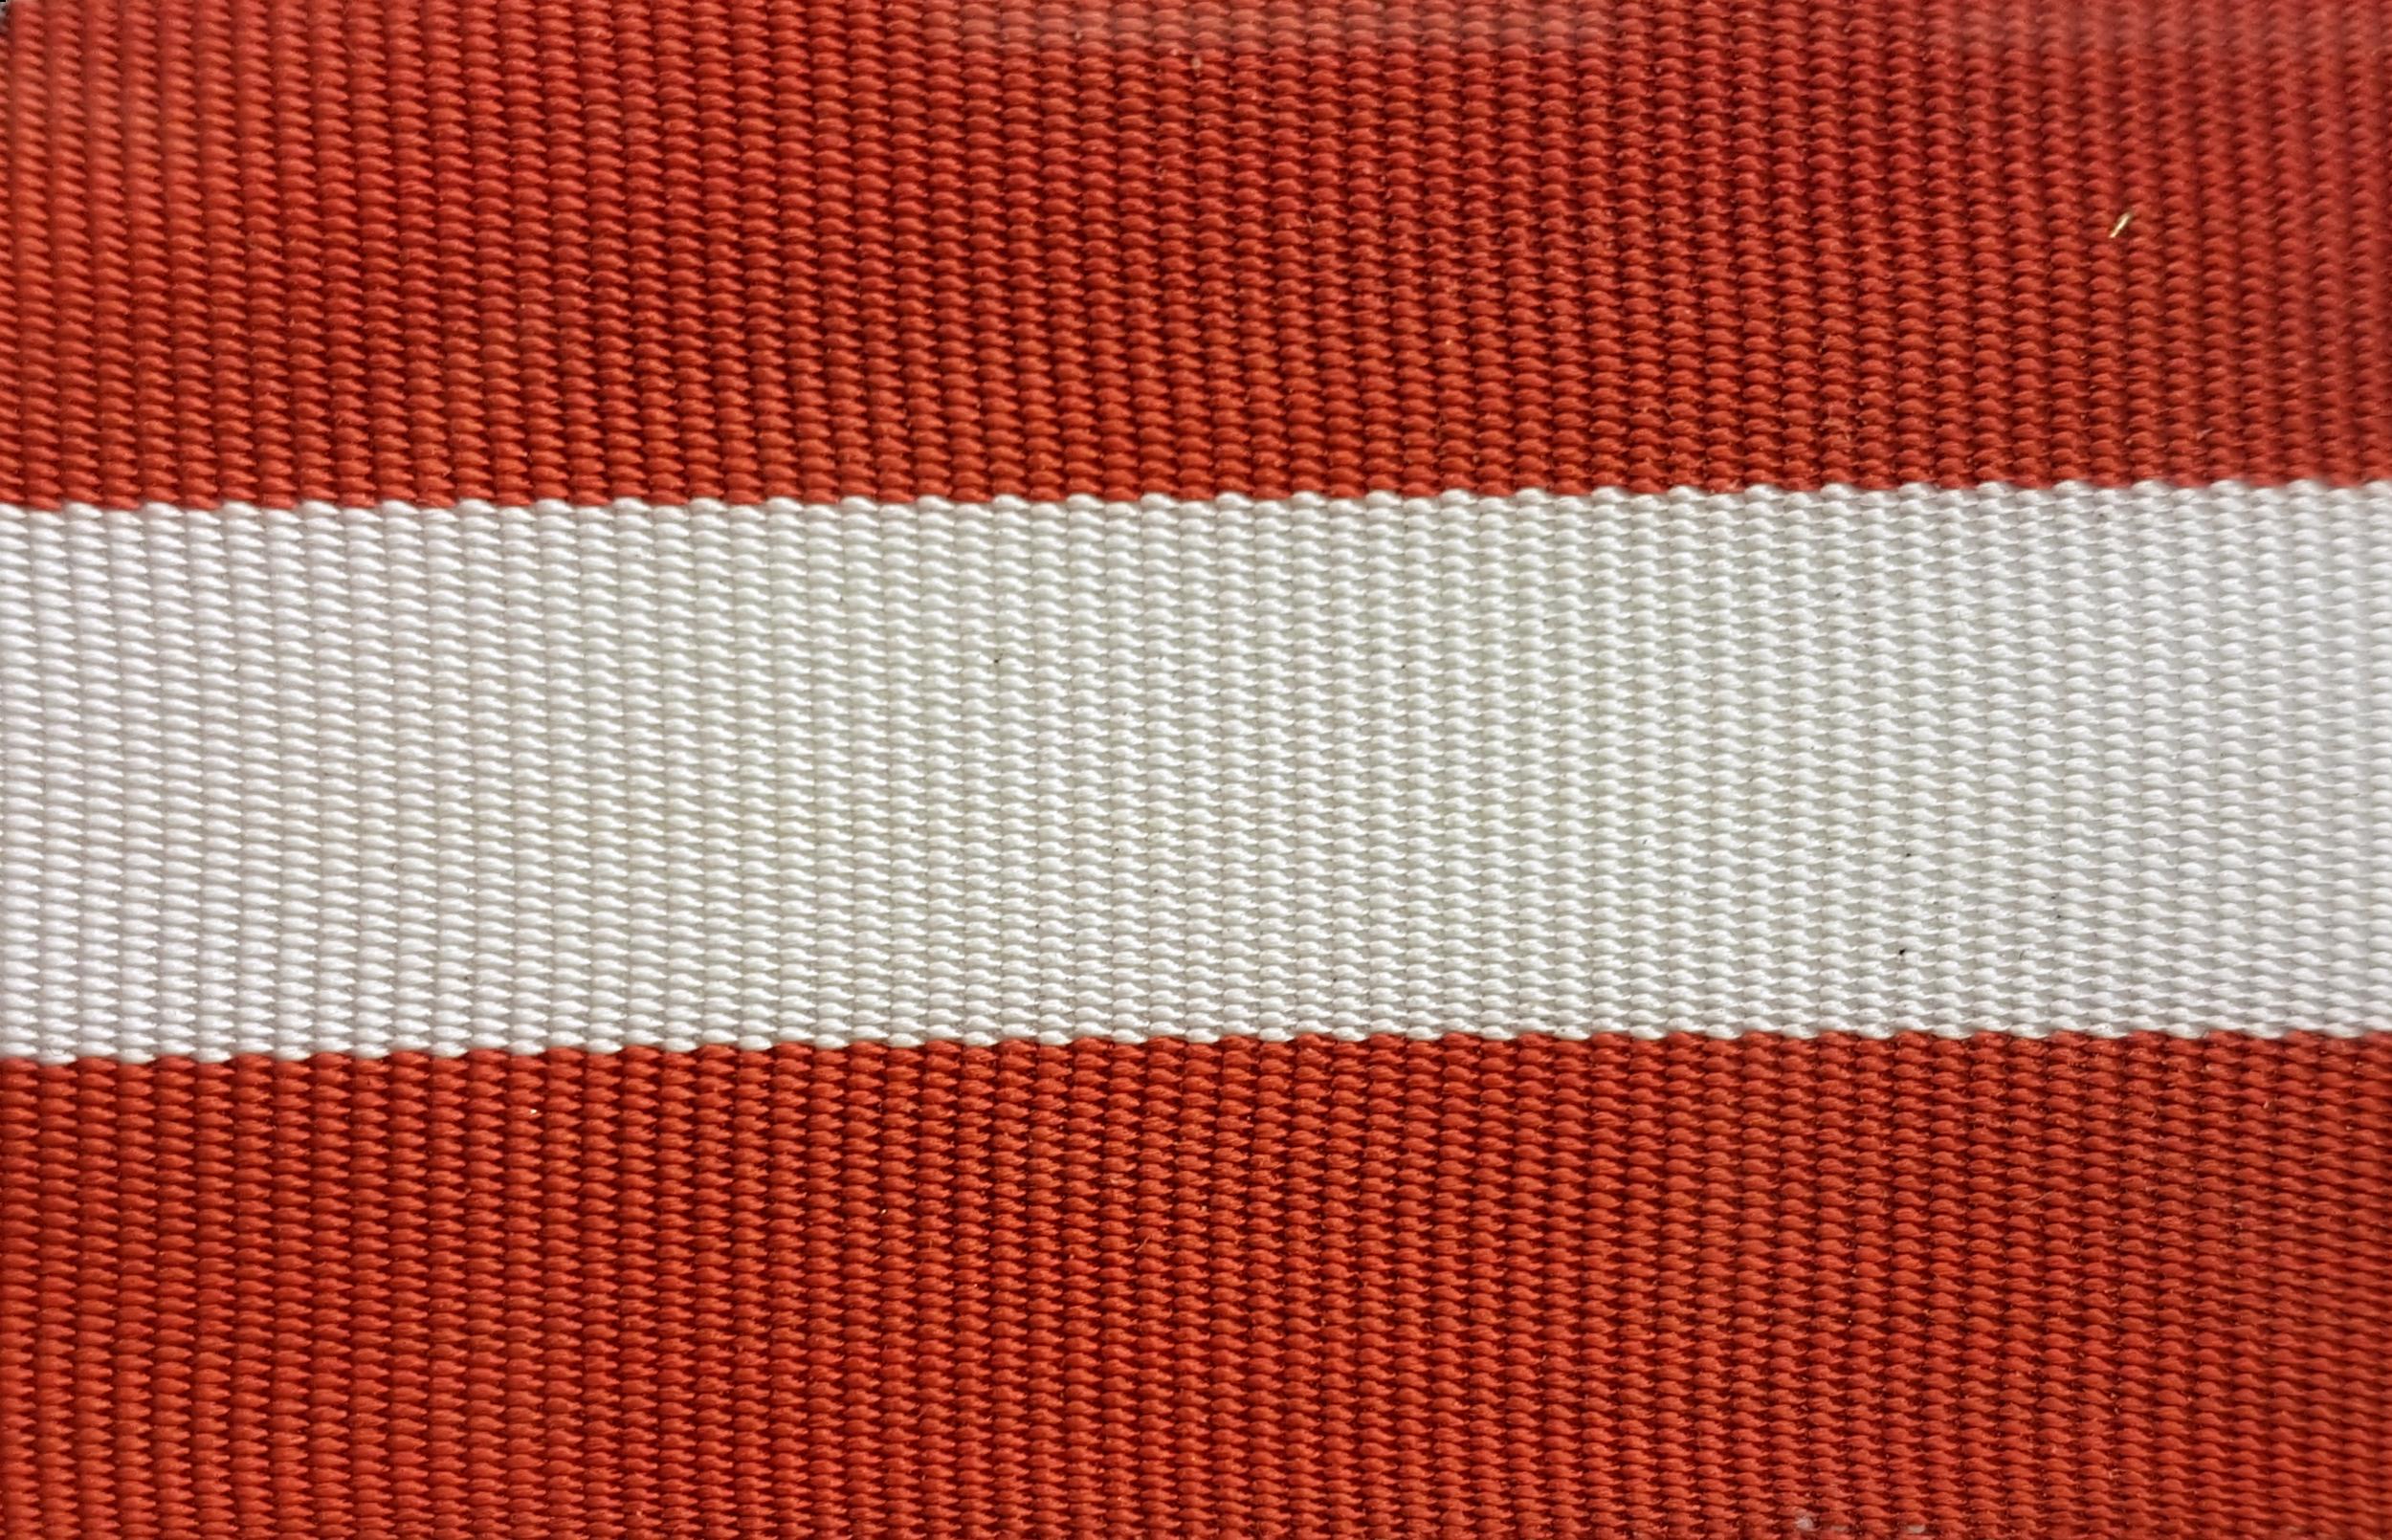 Humanistiska Föreningens frackband   HumFs frackband kan bäras av alla nuvarande och tidigare medlemmar i Humanistiska Föreningen.  Köp HumFs frackband i Campusbutiken i Allhuset: 50kr